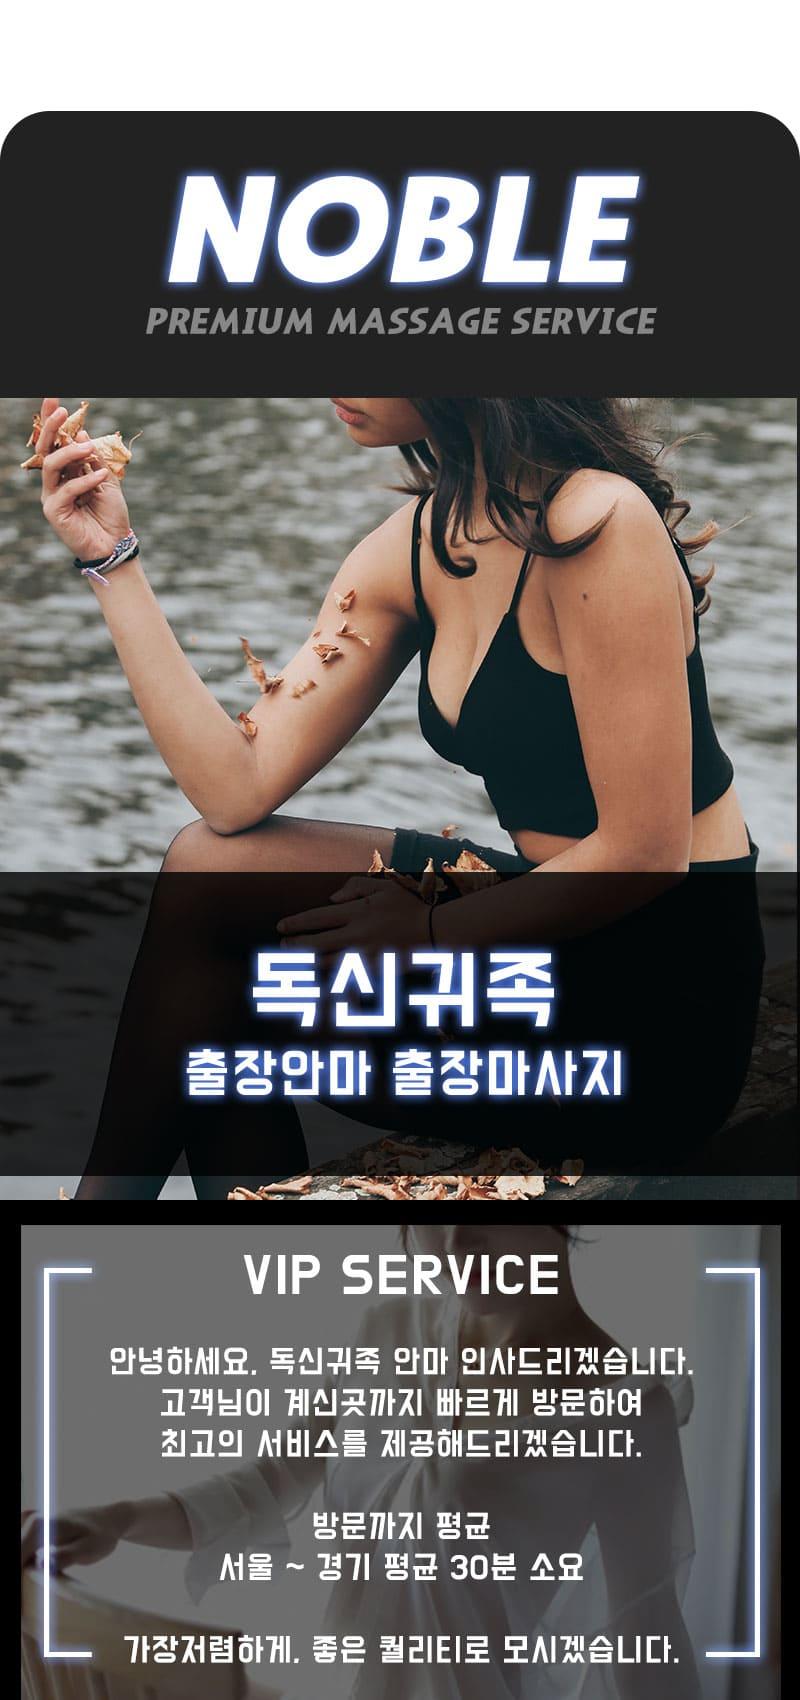 탄현동출장안마 소개